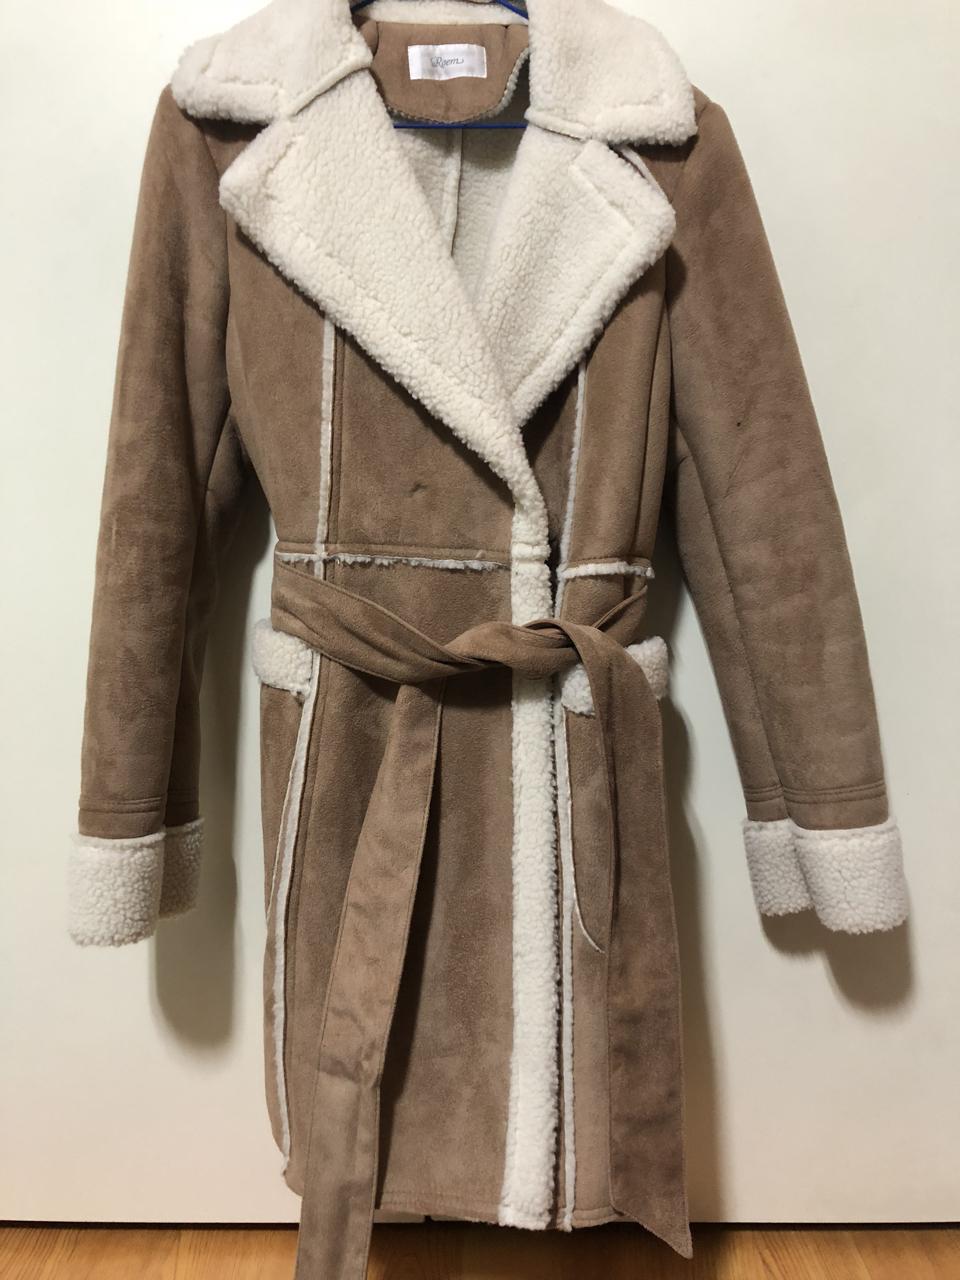 로엠코트 무스탕 무스탕코트 코트 겨울코트 두꺼운코트 양털코트